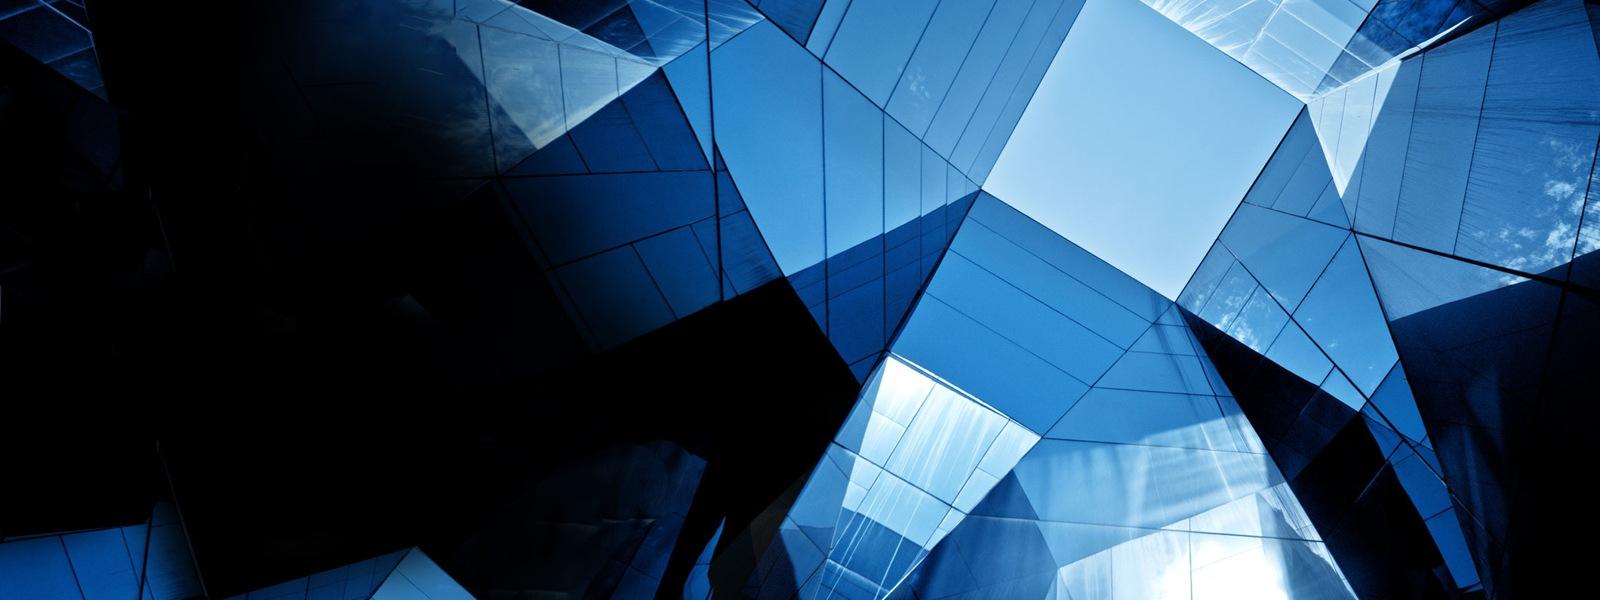 Die Fenster eines Bürogebäudes reflektieren den blauen Himmel